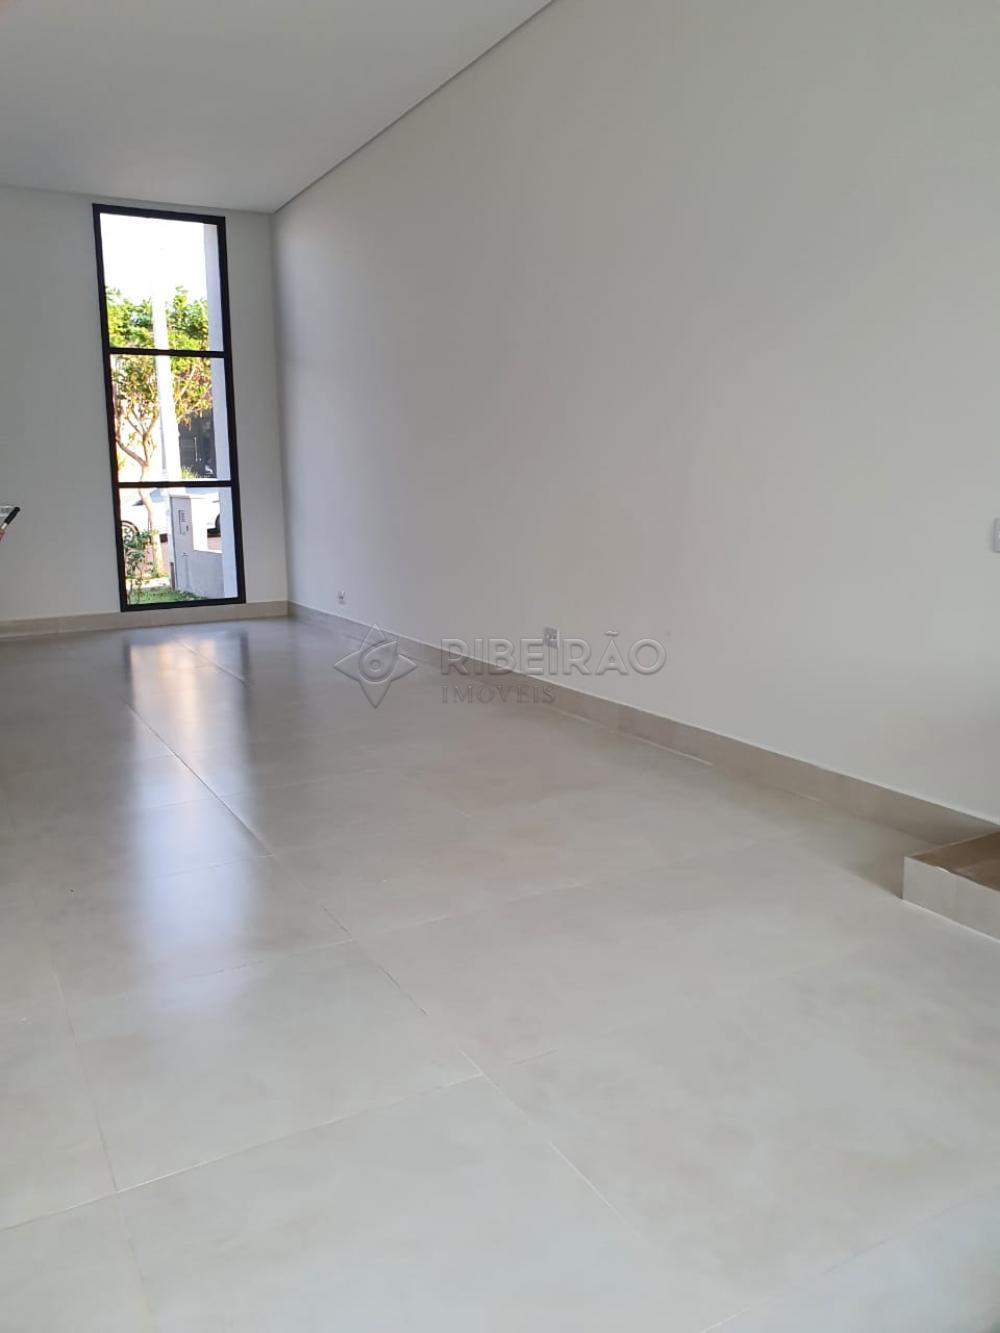 Comprar Casa / Condomínio em Ribeirão Preto R$ 930.000,00 - Foto 14